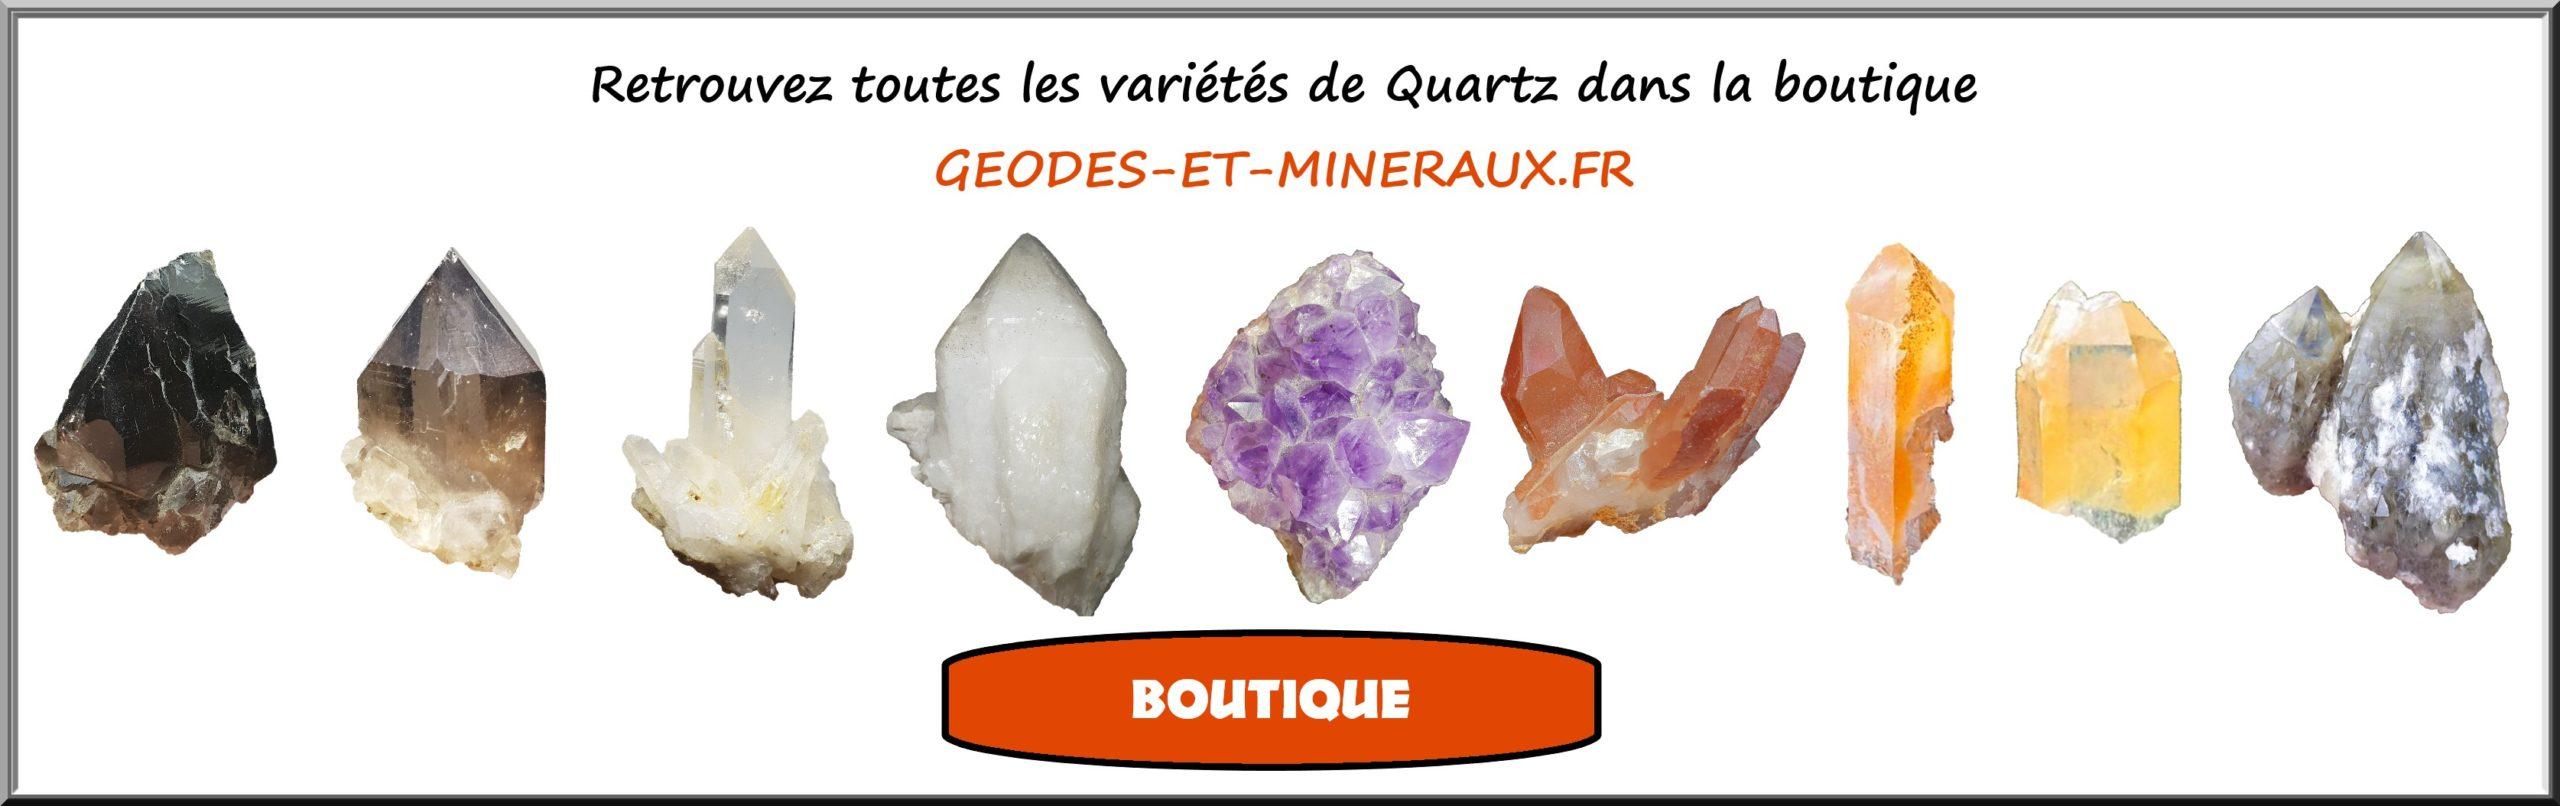 Boutique Vente Minéraux Quartz Améthyste Citrine Cristal de Roche